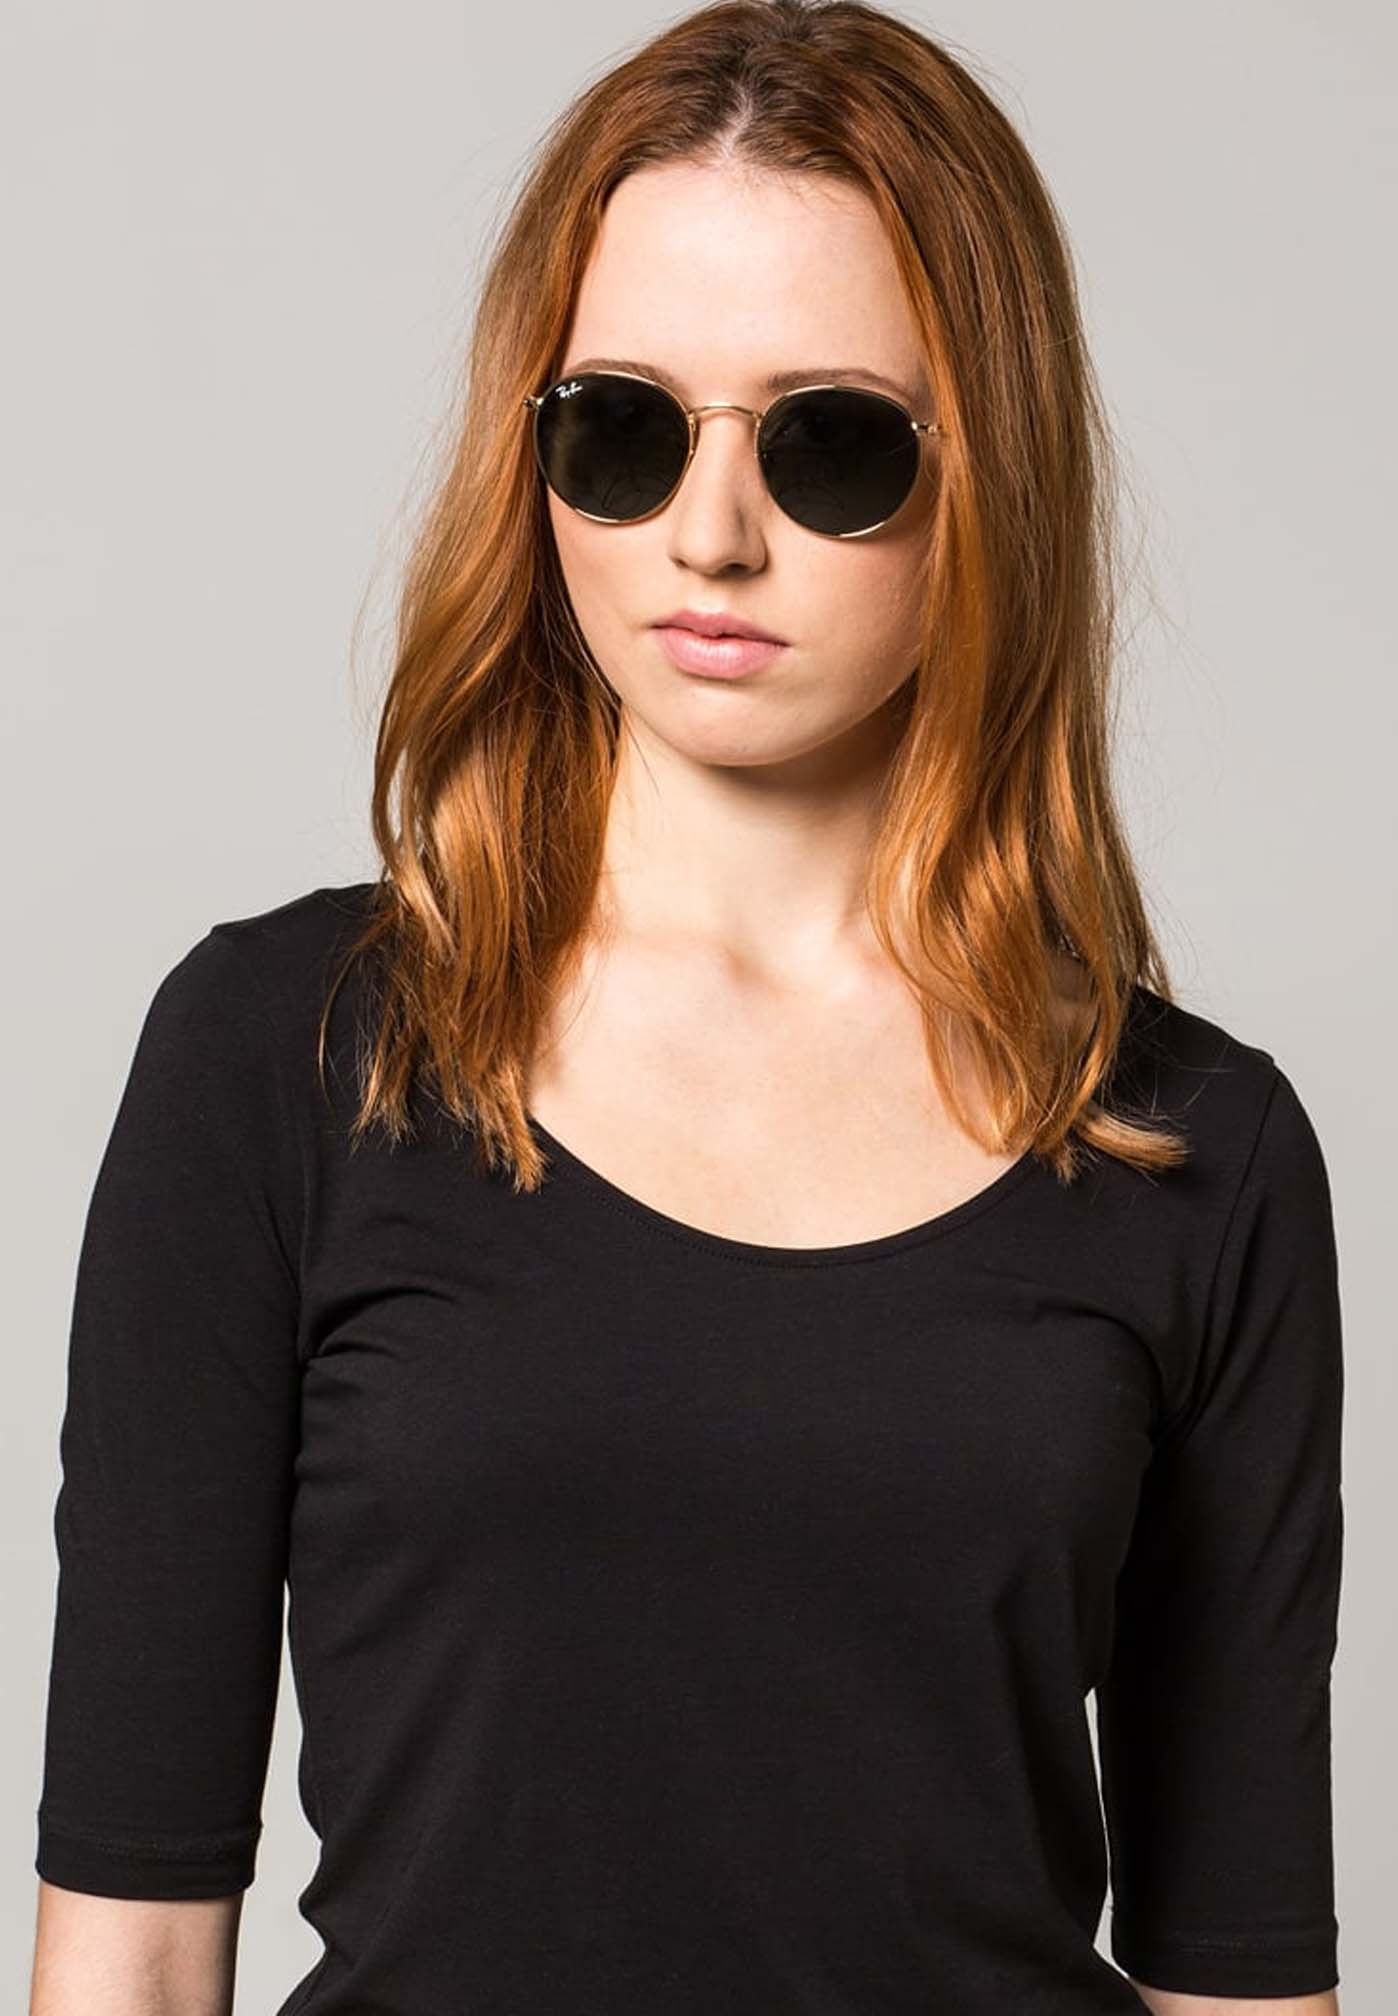 Damskie okulary przeciwsłoneczne do kwadratowej twarzy